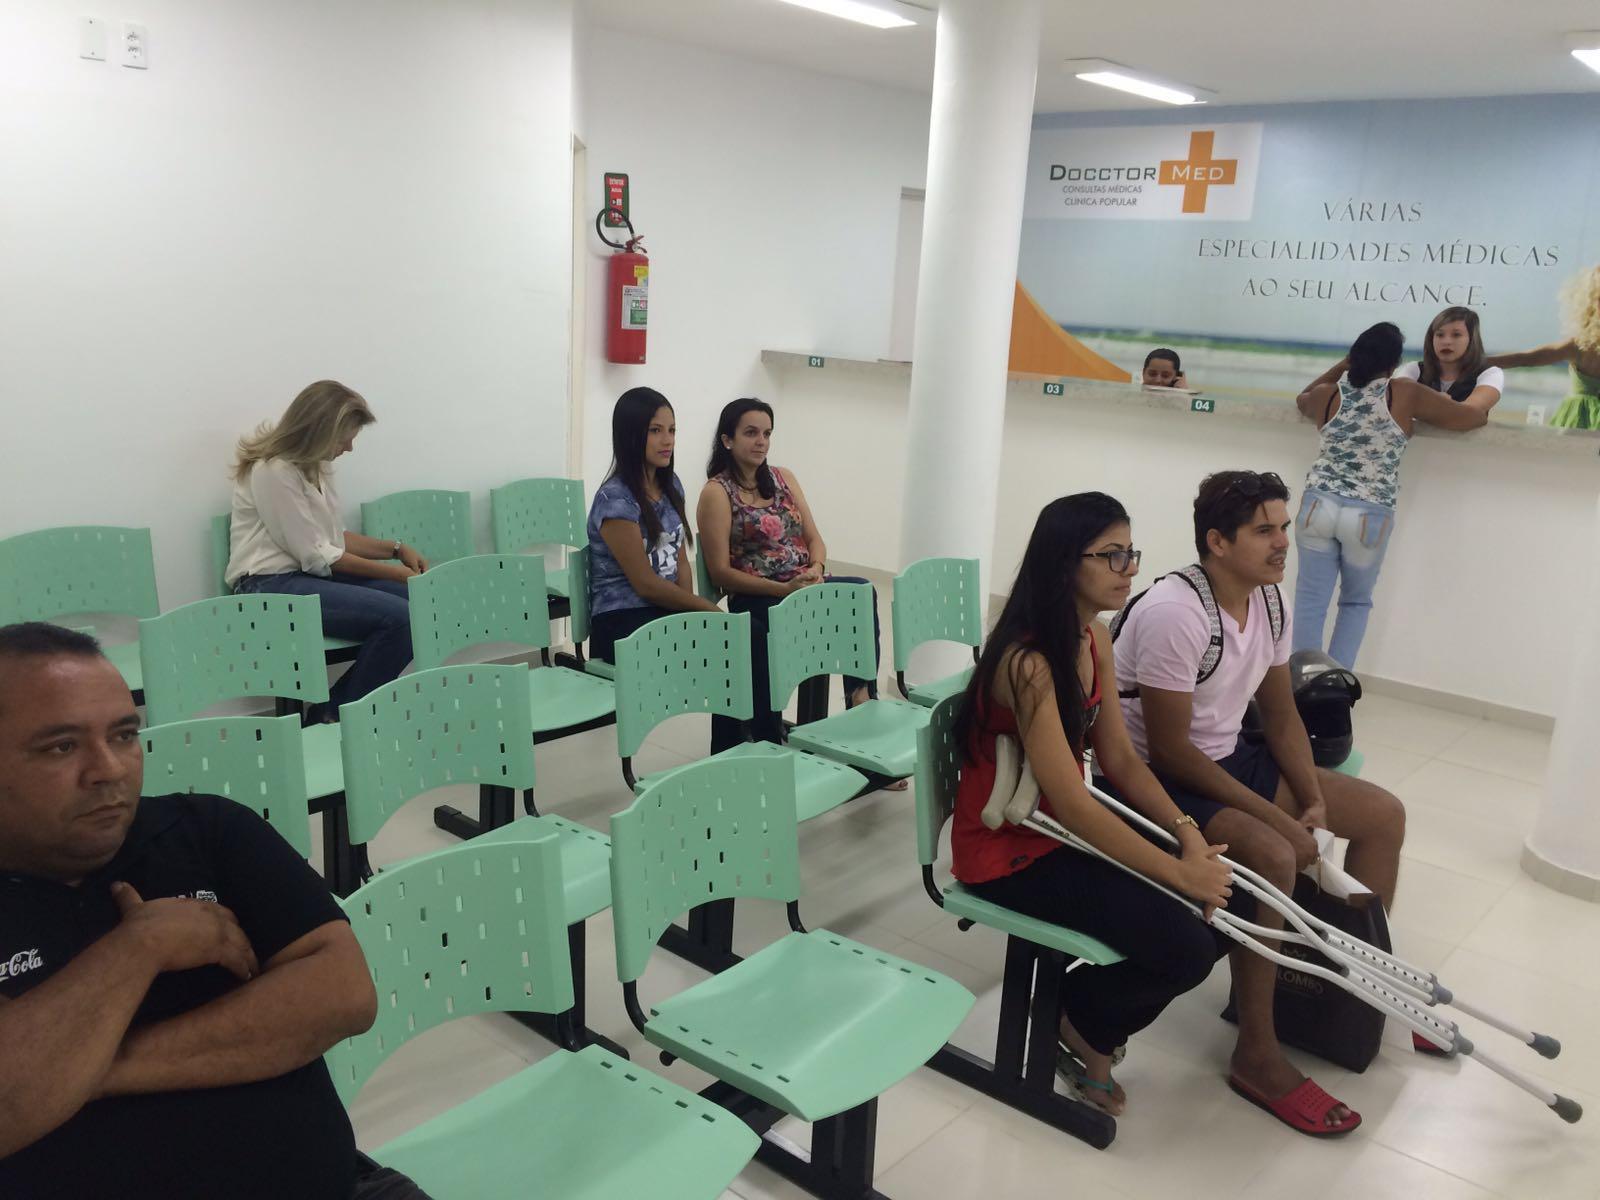 Clínicas populares realizam atendimento com preços abaixo da média (FOTO: Matheus Ribeiro / Tribuna do Ceará)